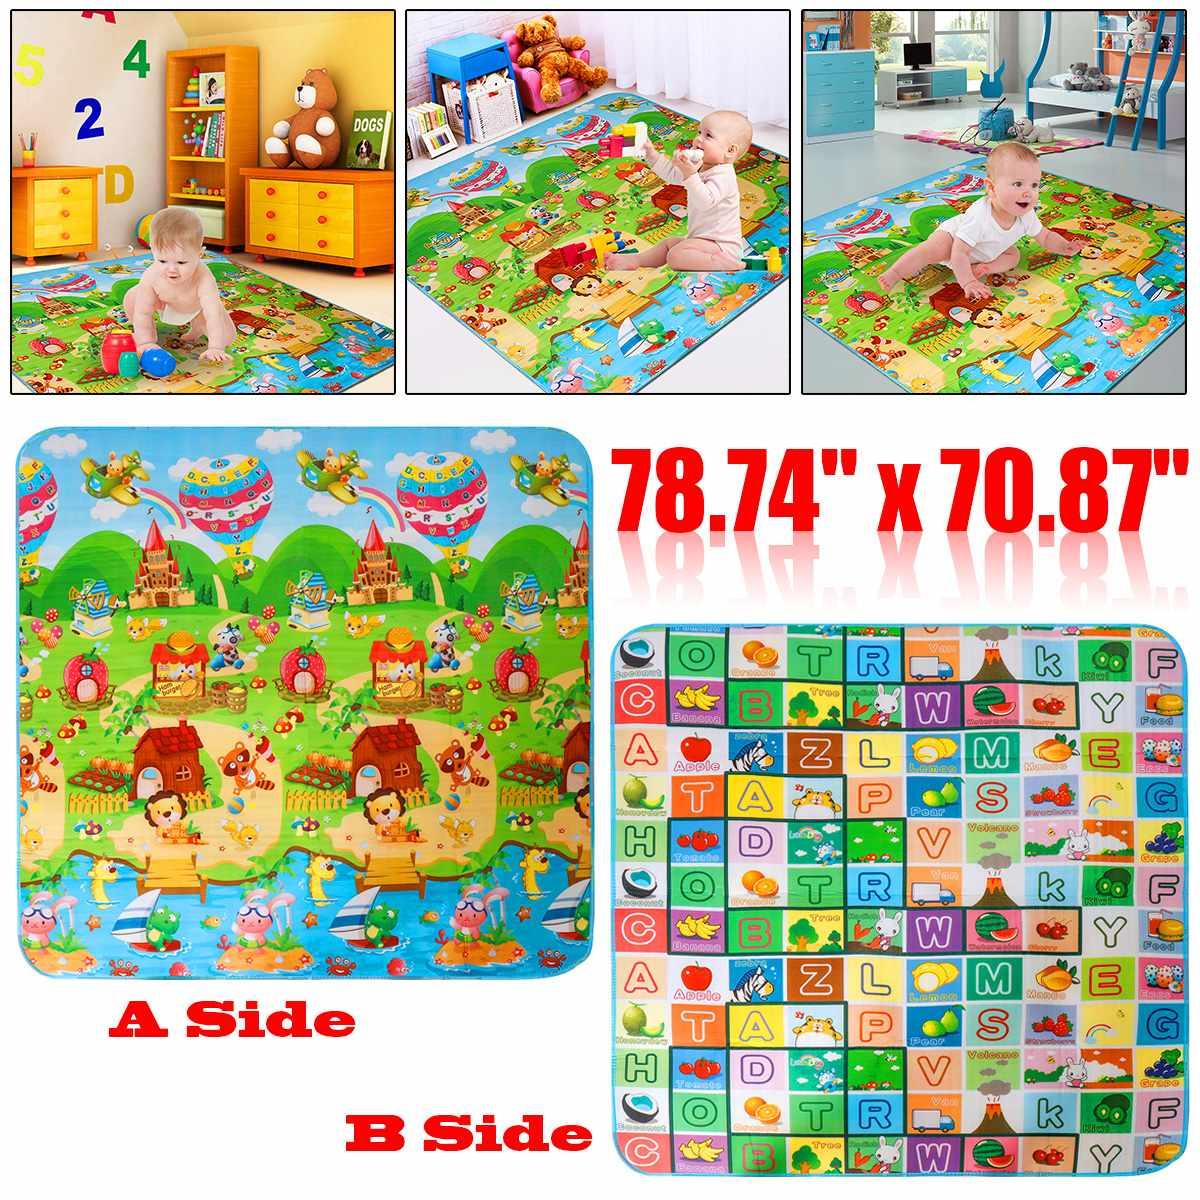 Alfombra para juegos de bebés que gatean, 2*1,8 metros, 1cm de grosor, almohadilla para escalar, letras de fruta de doble cara y juguetes para bebés de granja feliz, alfombra para niños, juego para bebés